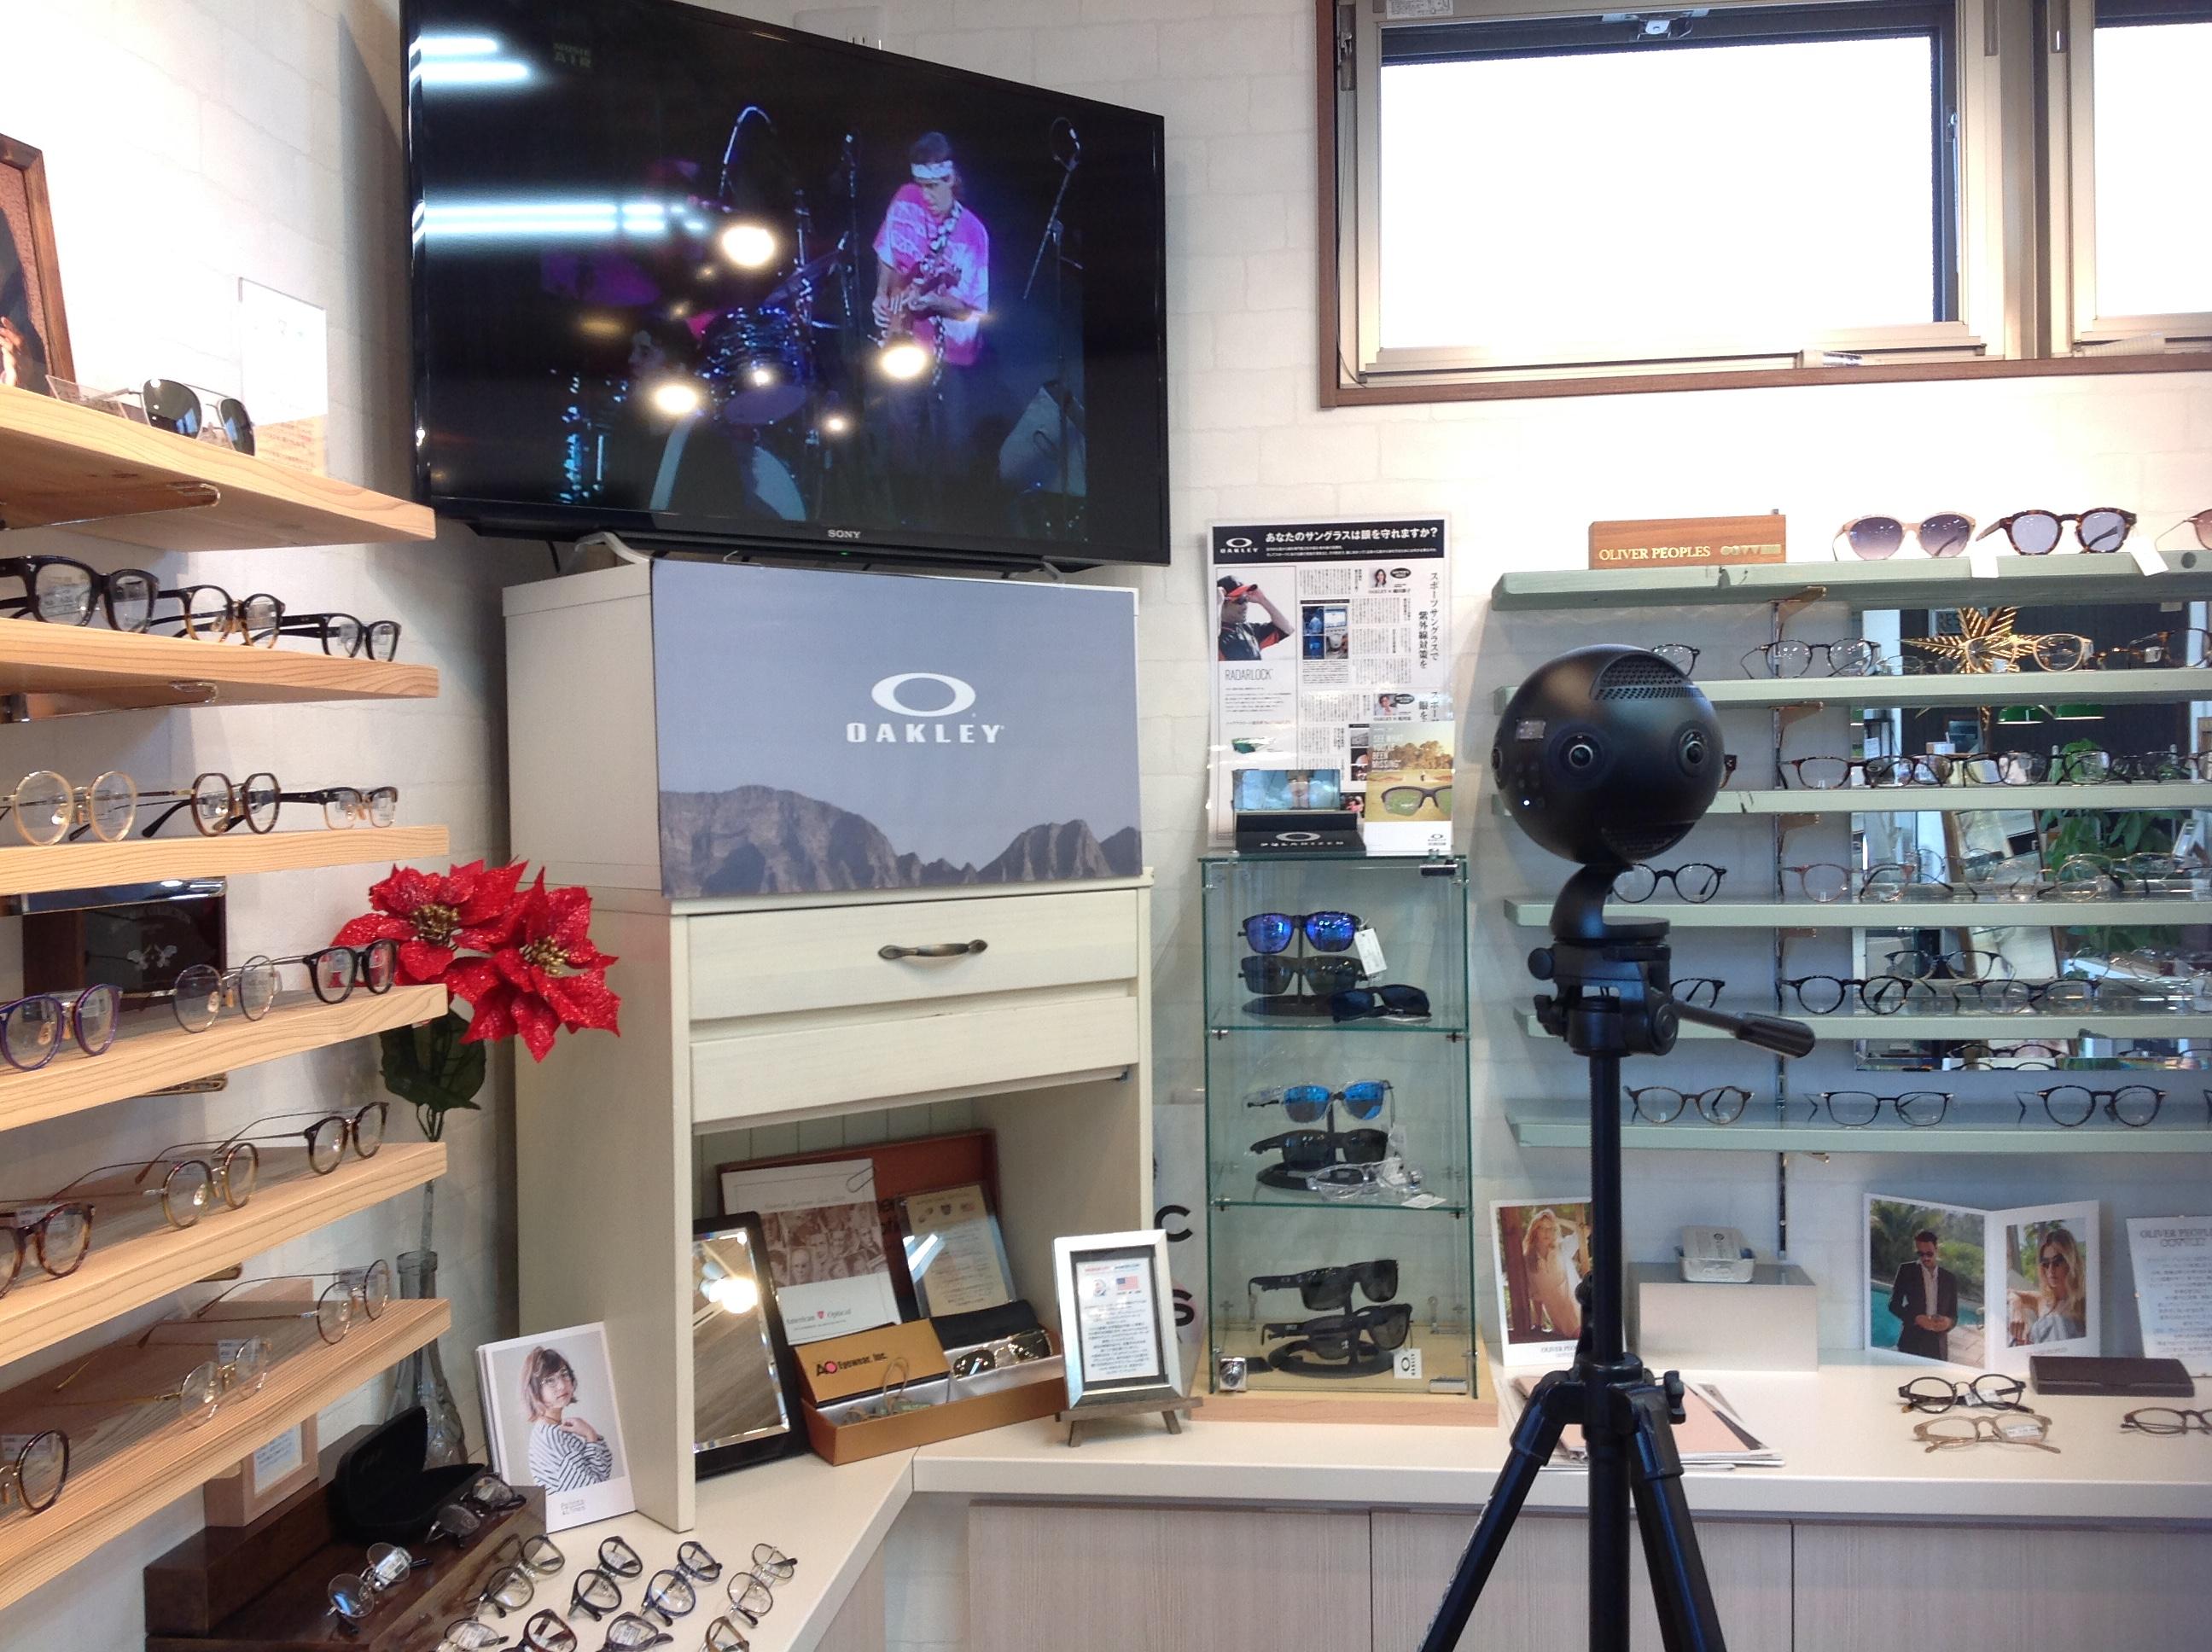 Googleストリートビュー/インドアビューの撮影で新潟市のメガネ店へ